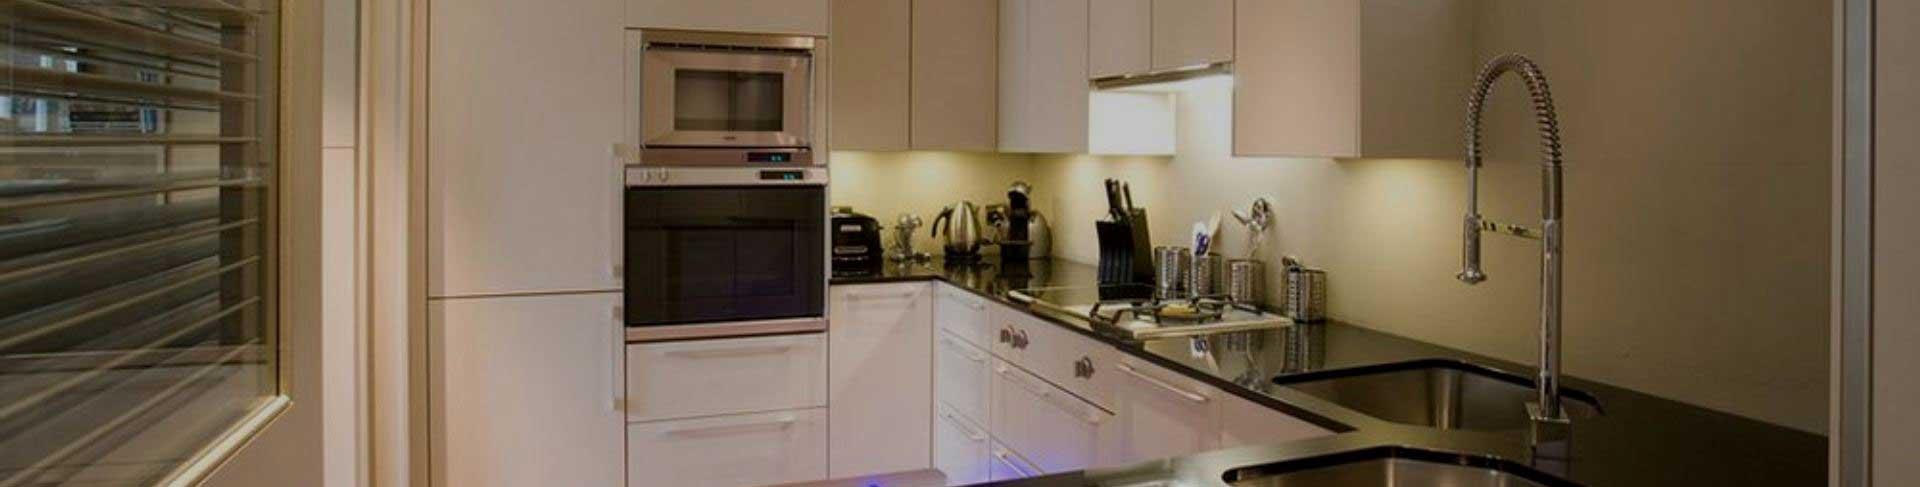 Reformas cocinas pequeas reforma cocina de muebles - Encimeras de cocina de segunda mano ...